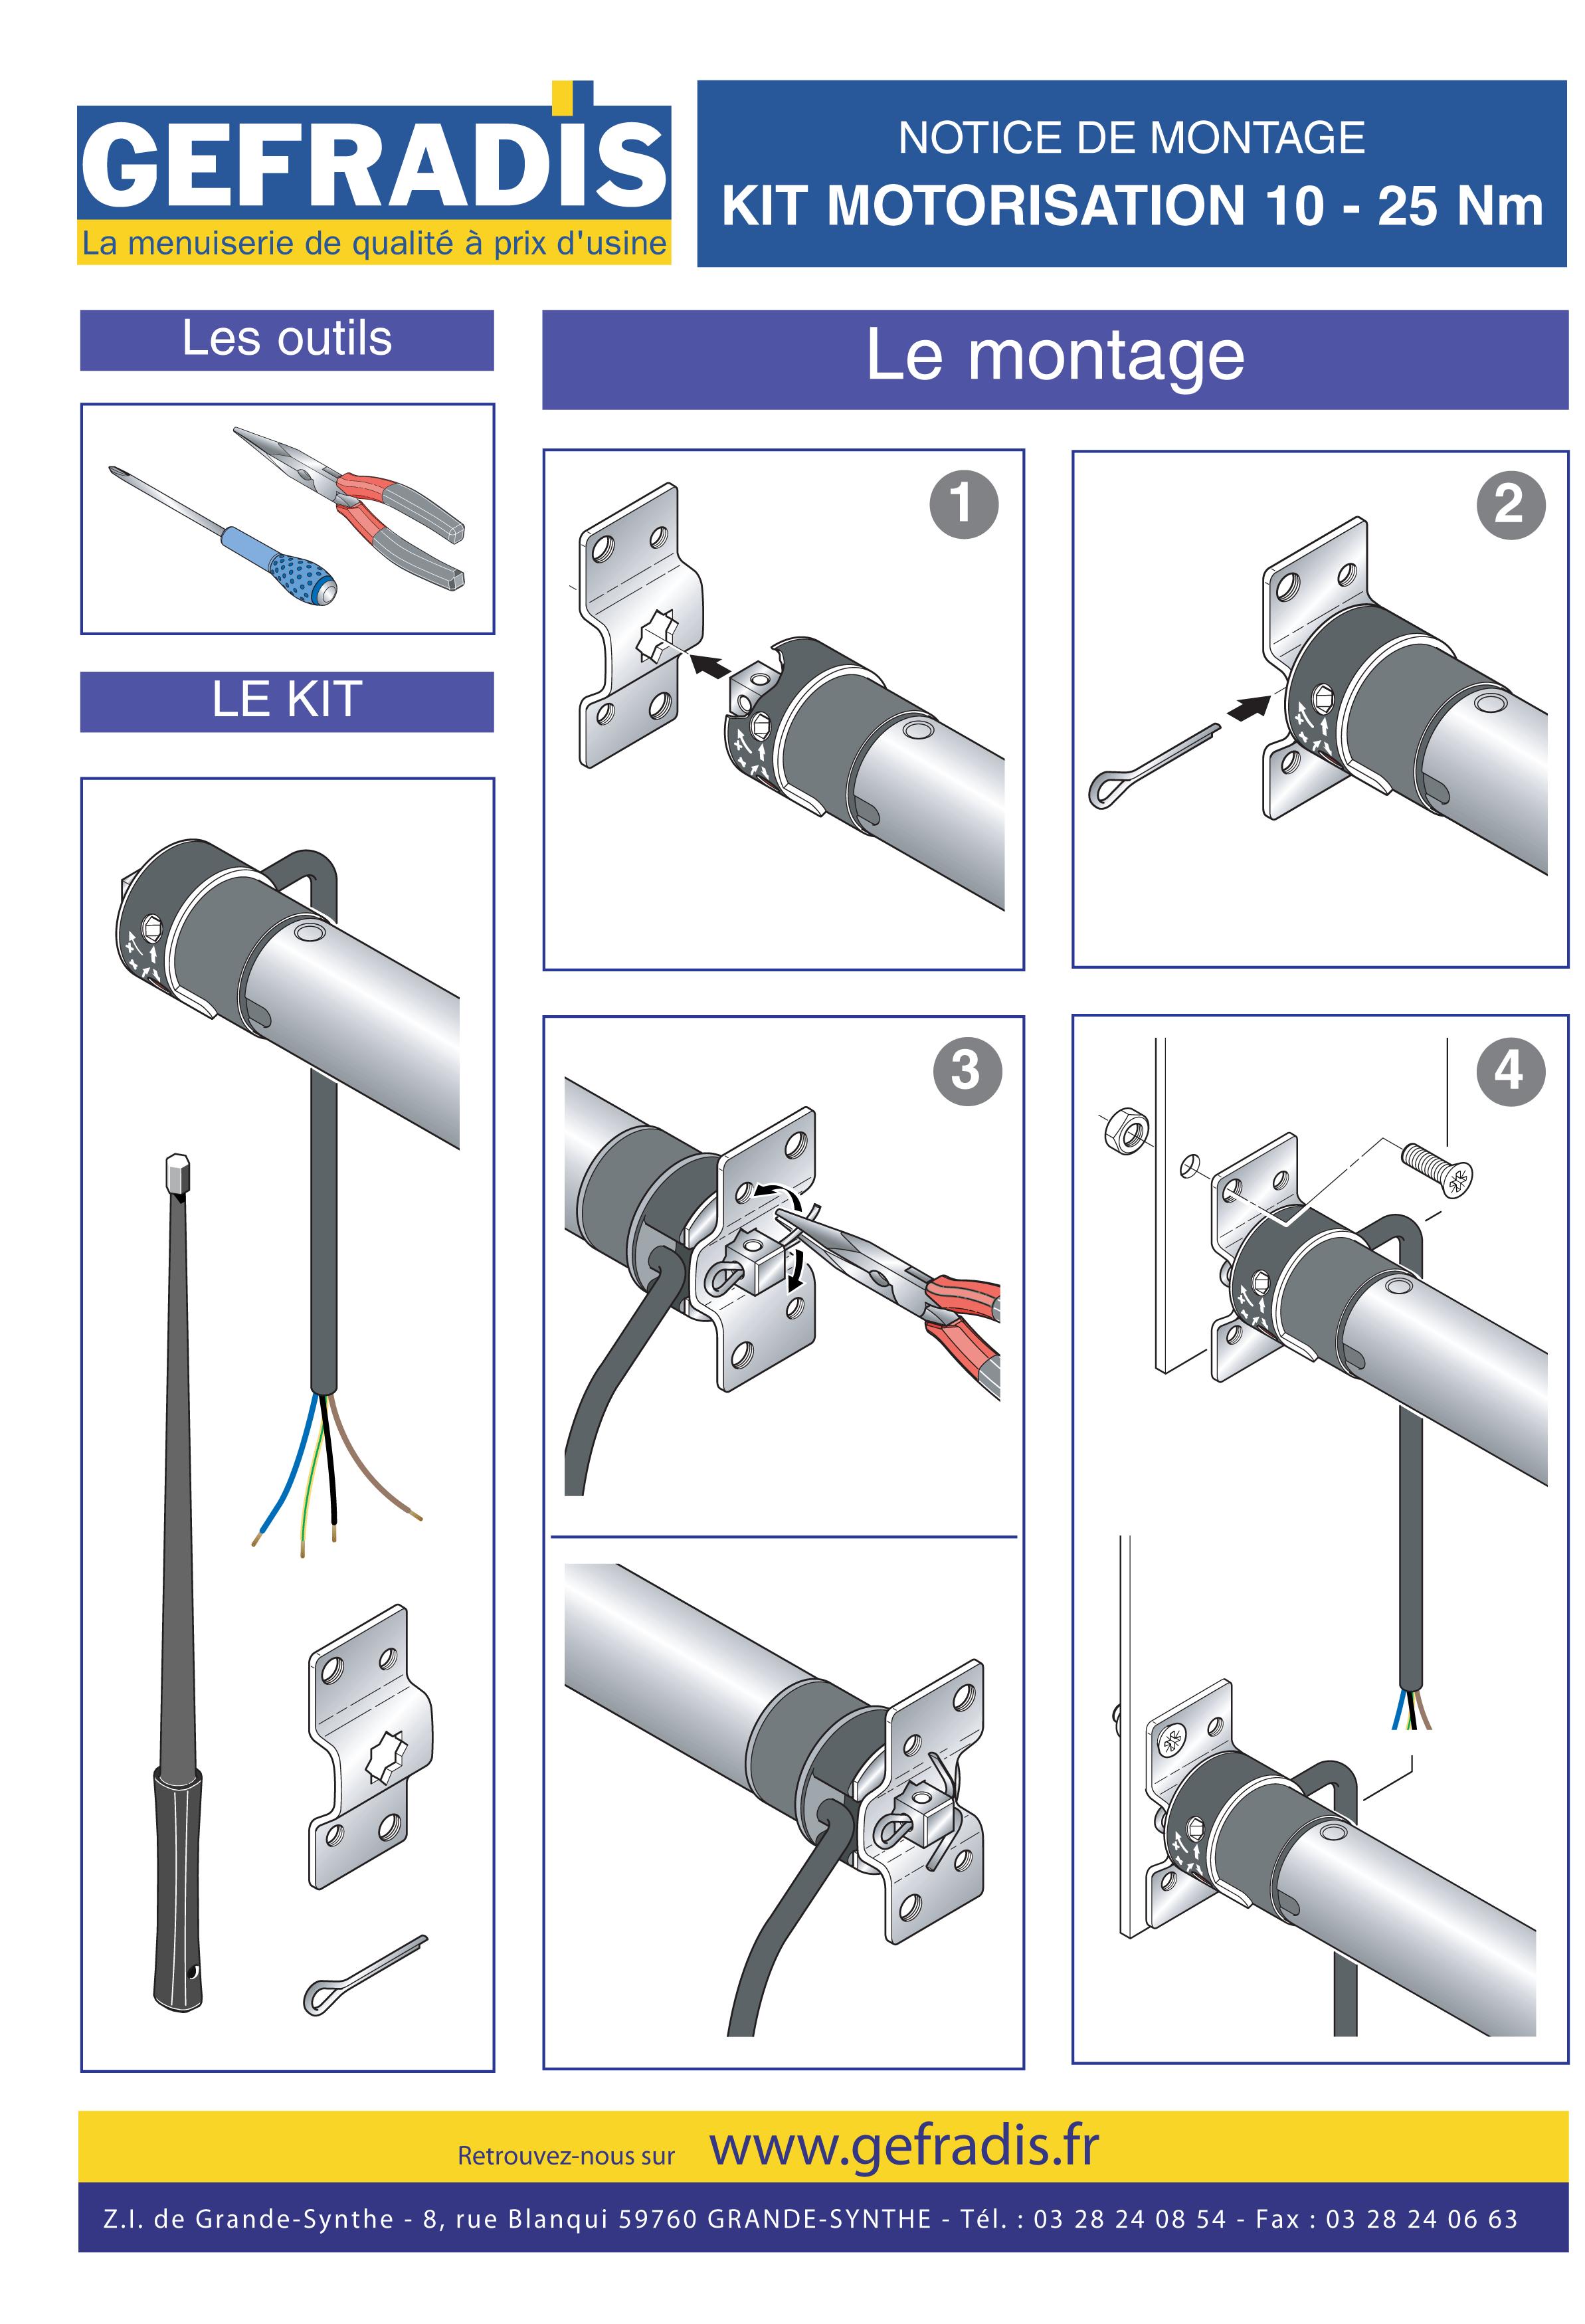 Première page de la notice d'aide à la pose du kit de motorisation